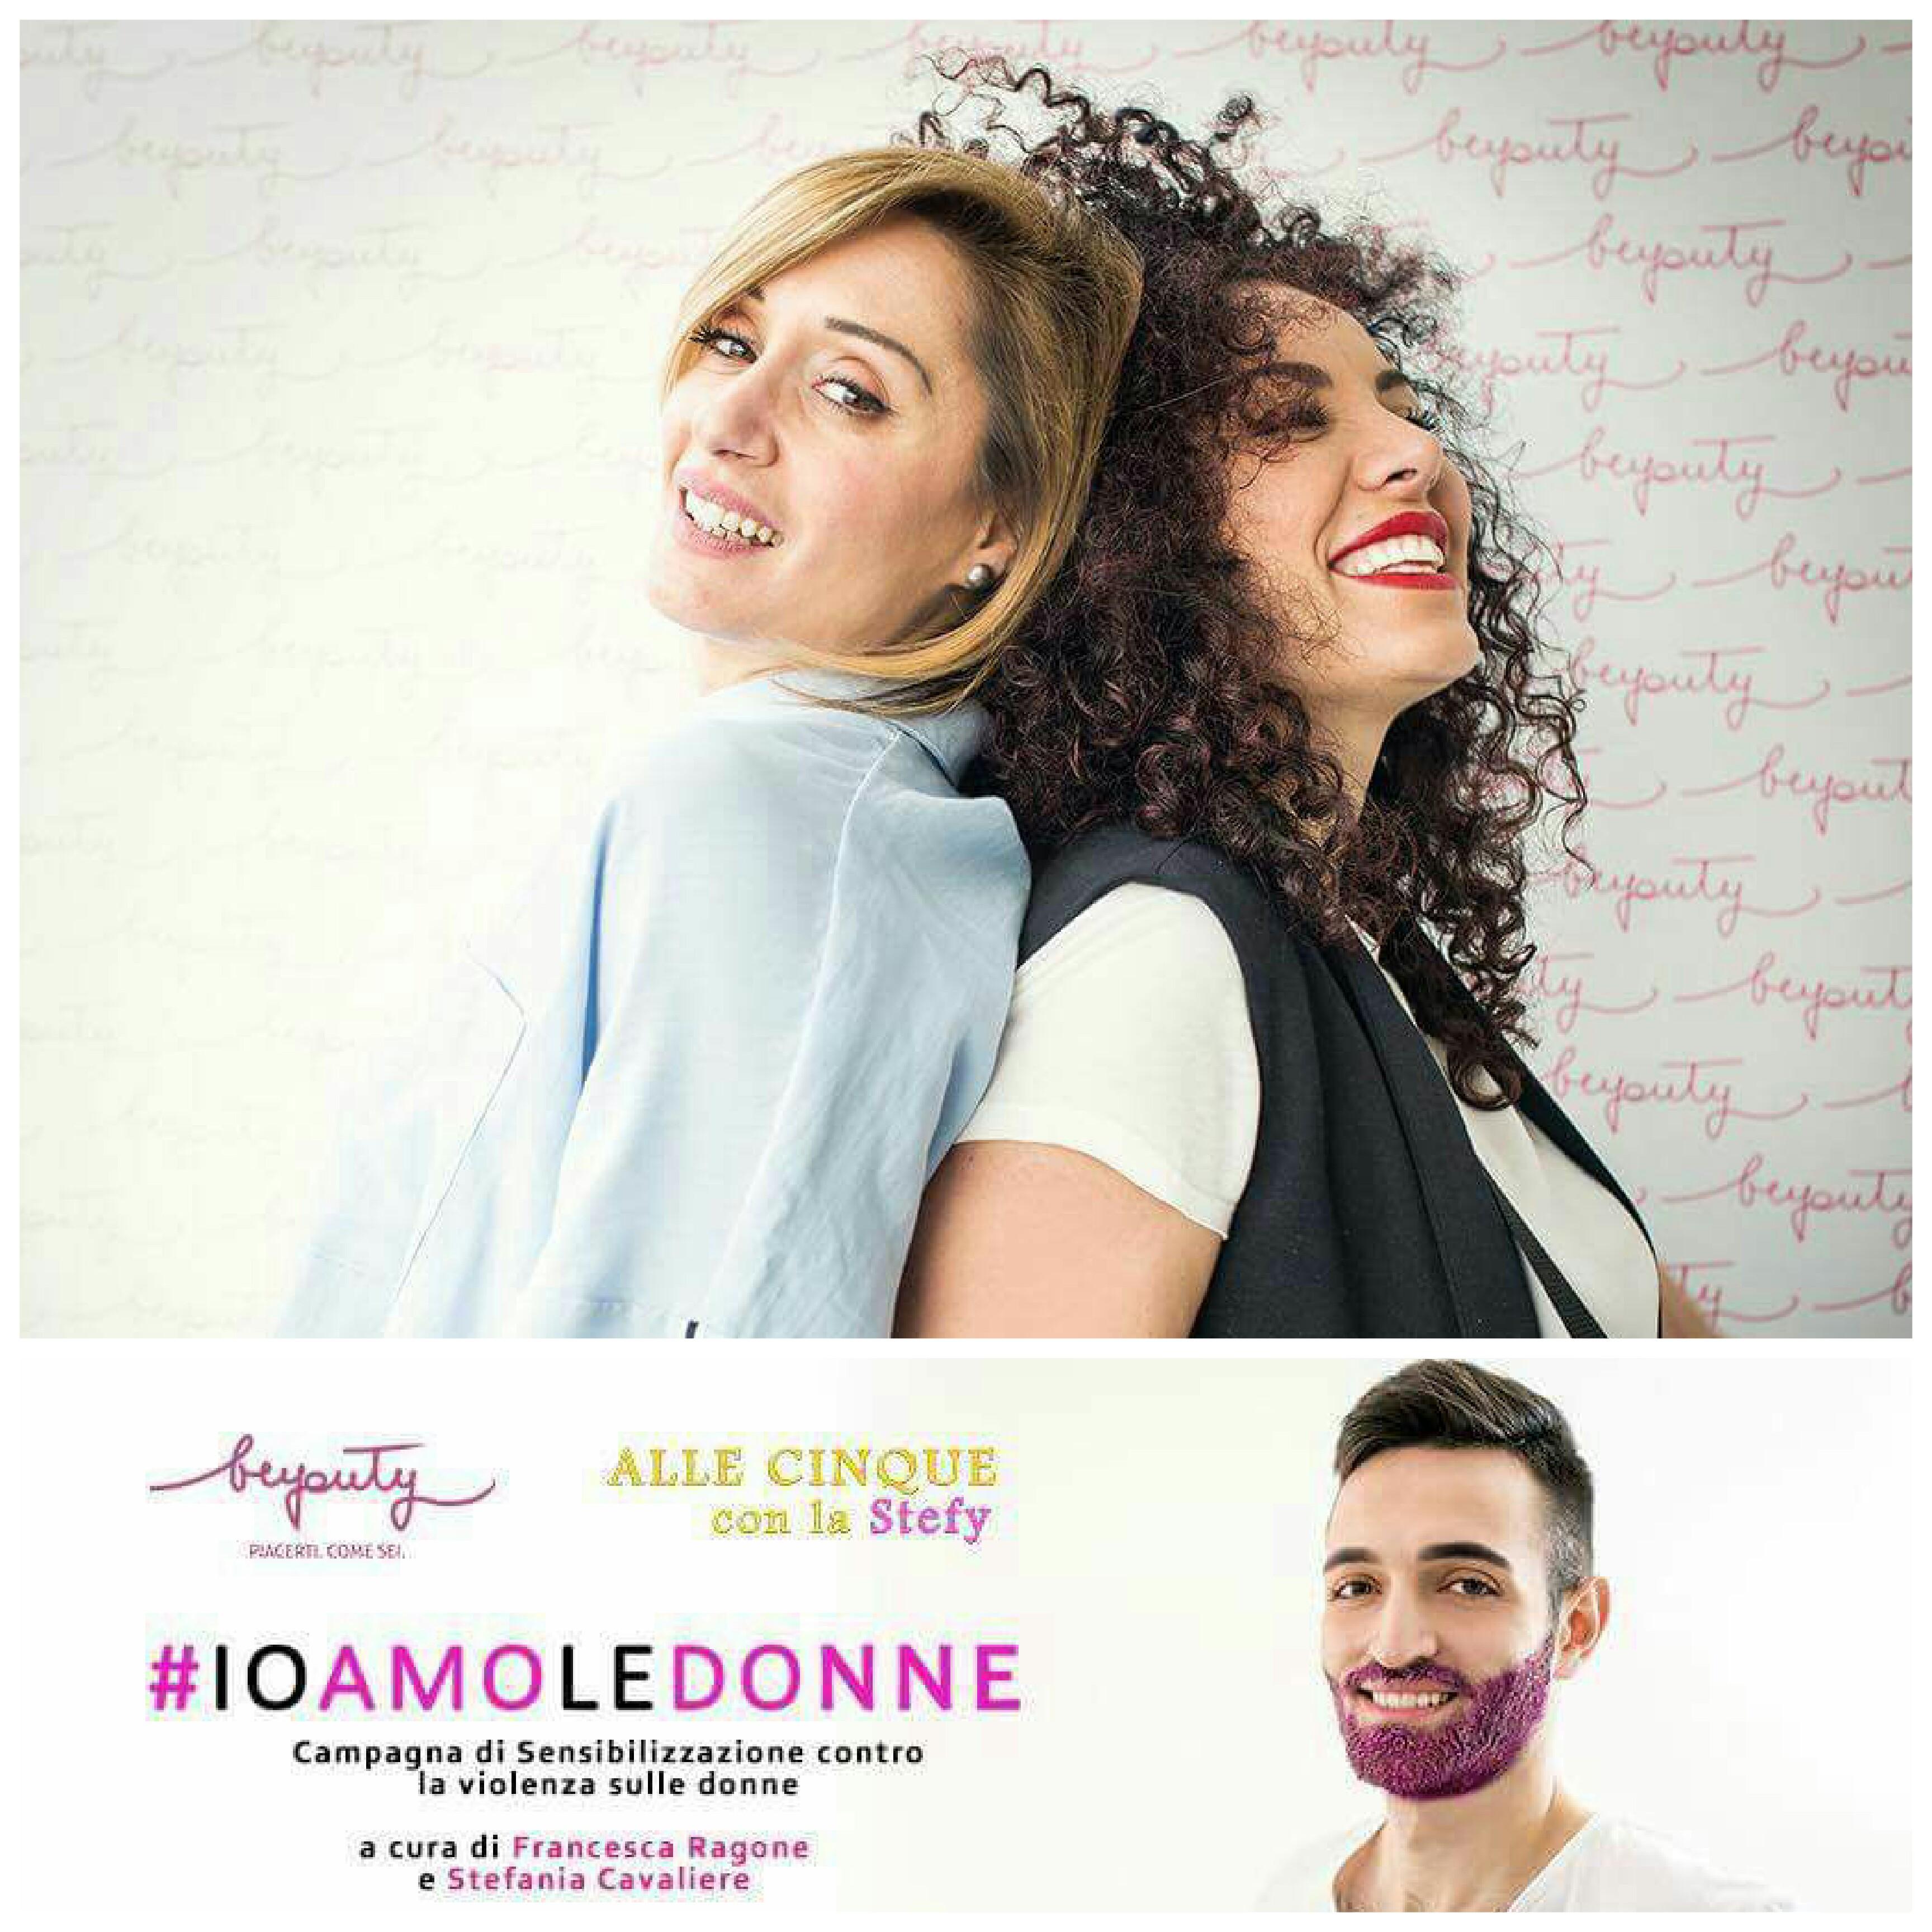 Stefania Cavaliere-Francesca Beyouty-Campagna di sensibilizzazione #ioamoledonne